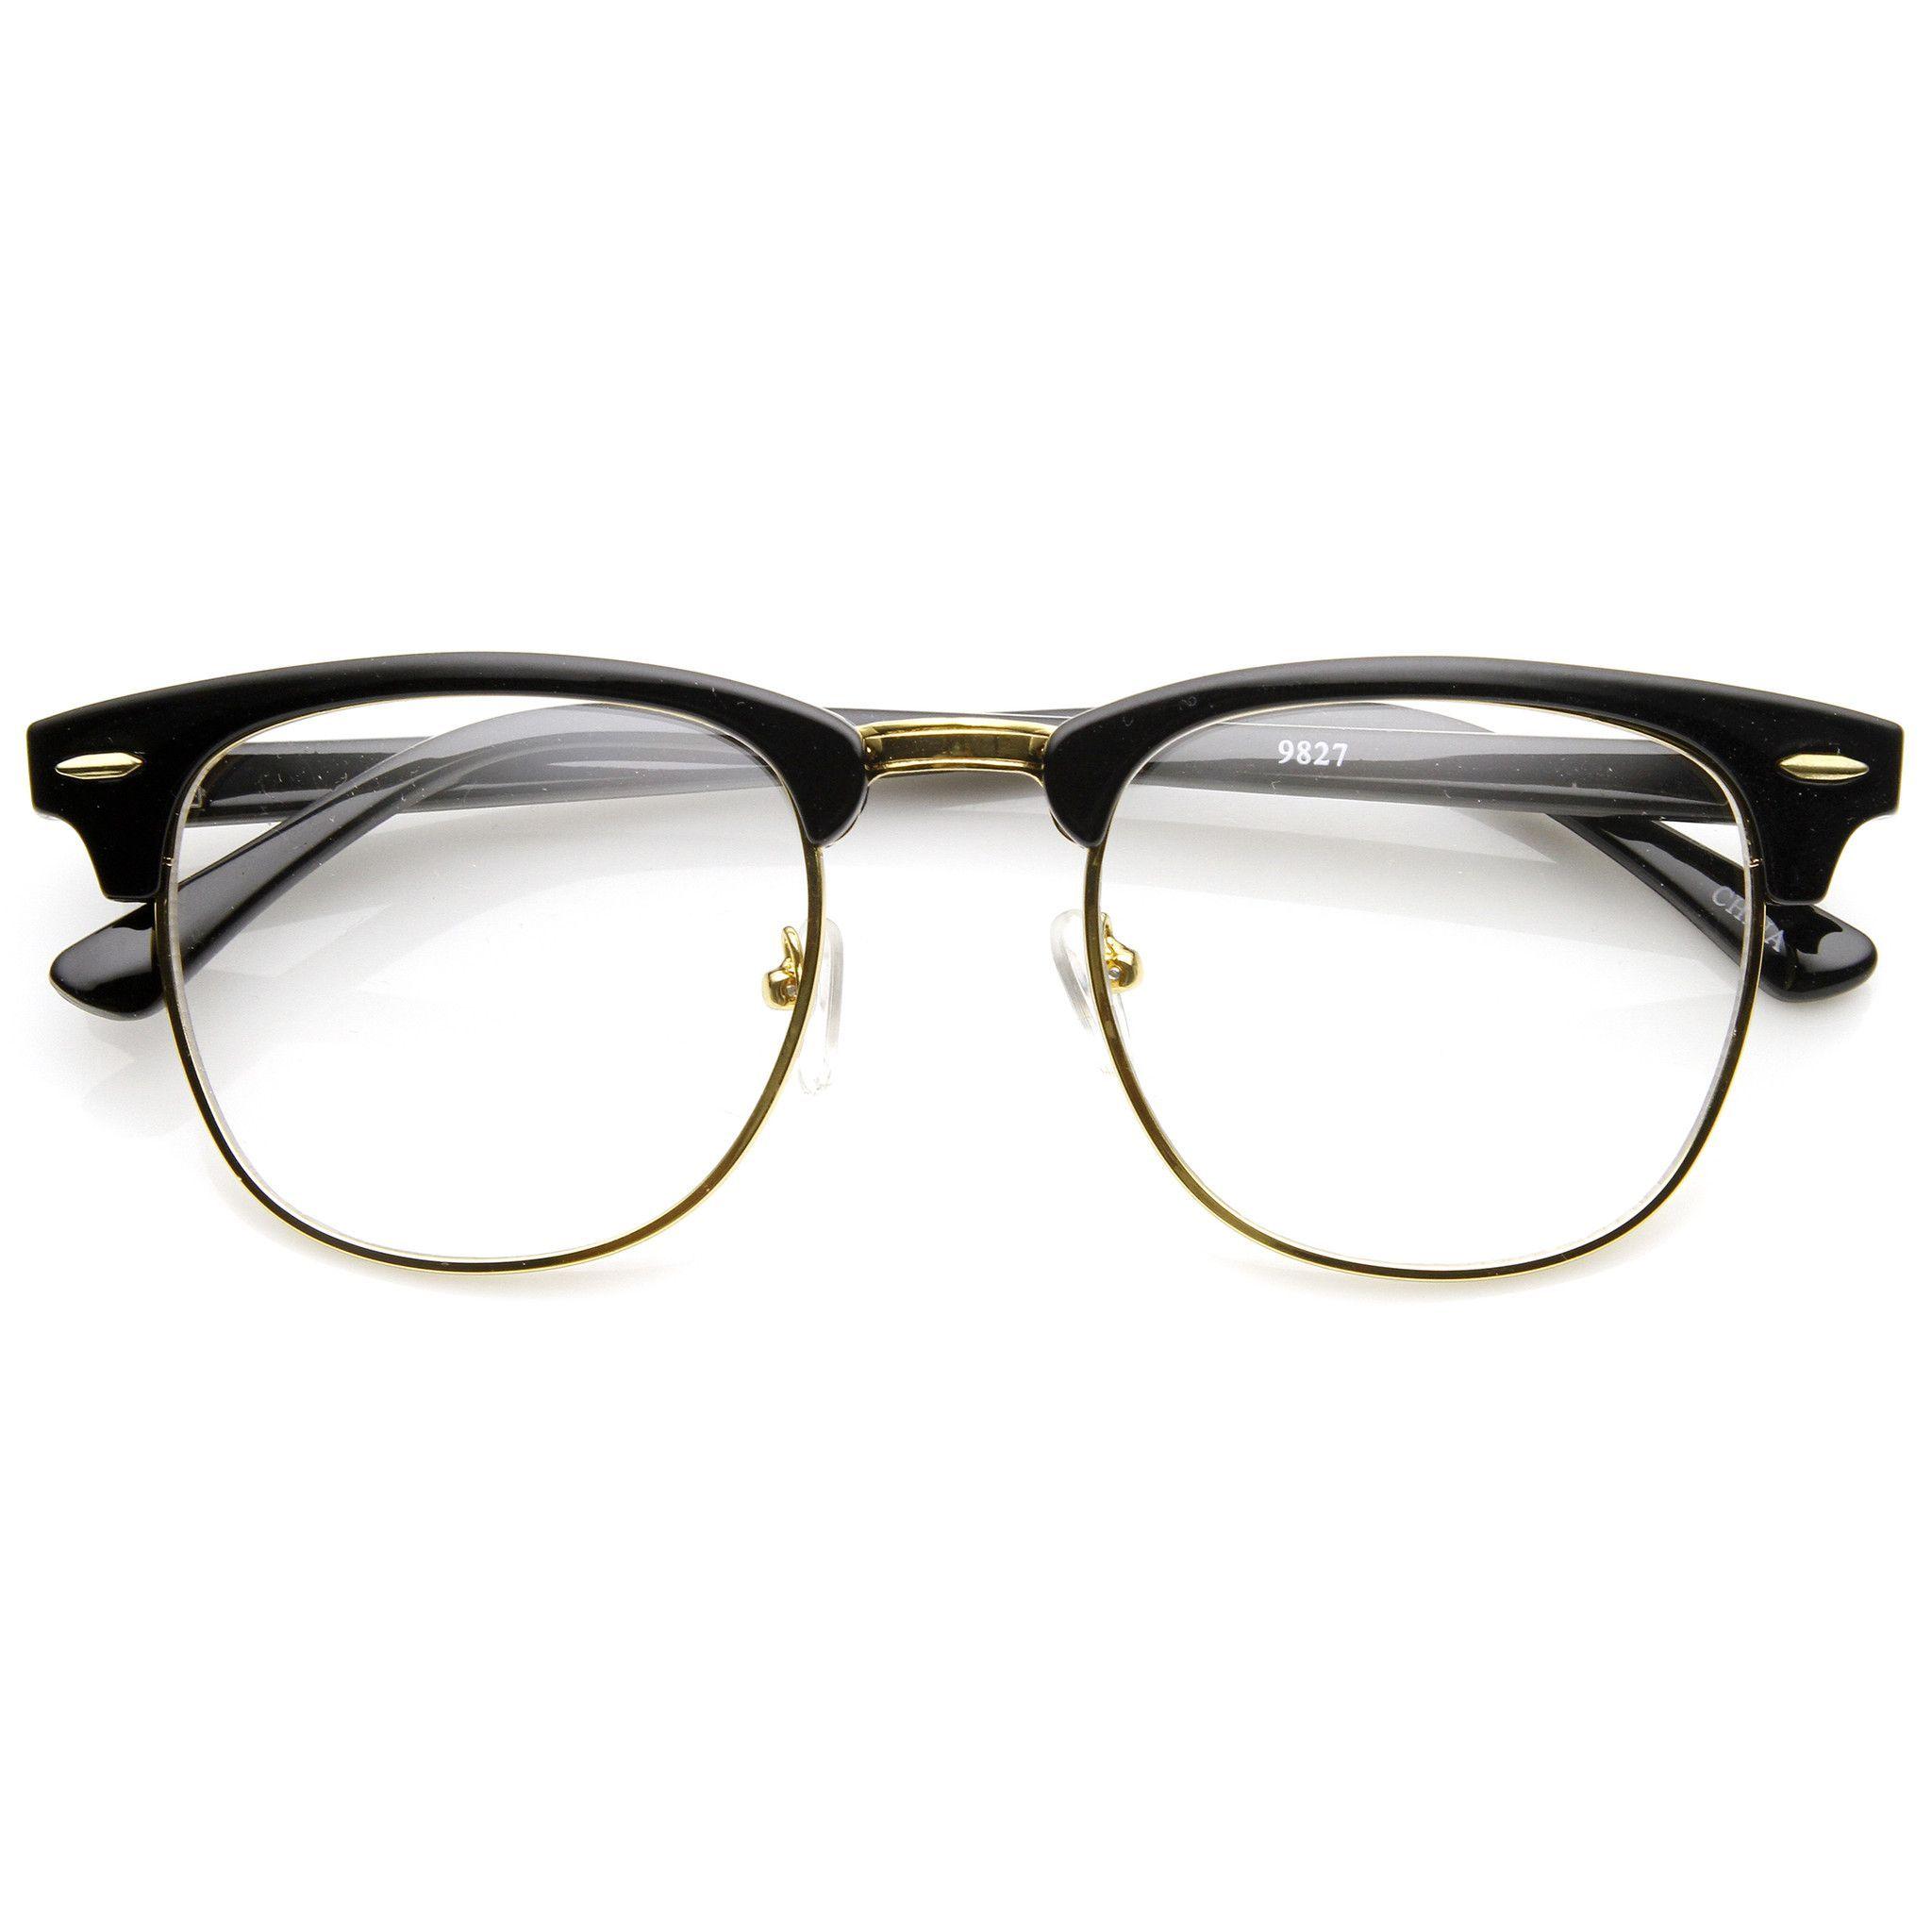 Dapper Clear Lens Wayfarer Vintage Glasses Half Frame Clubmaster 80knwOP